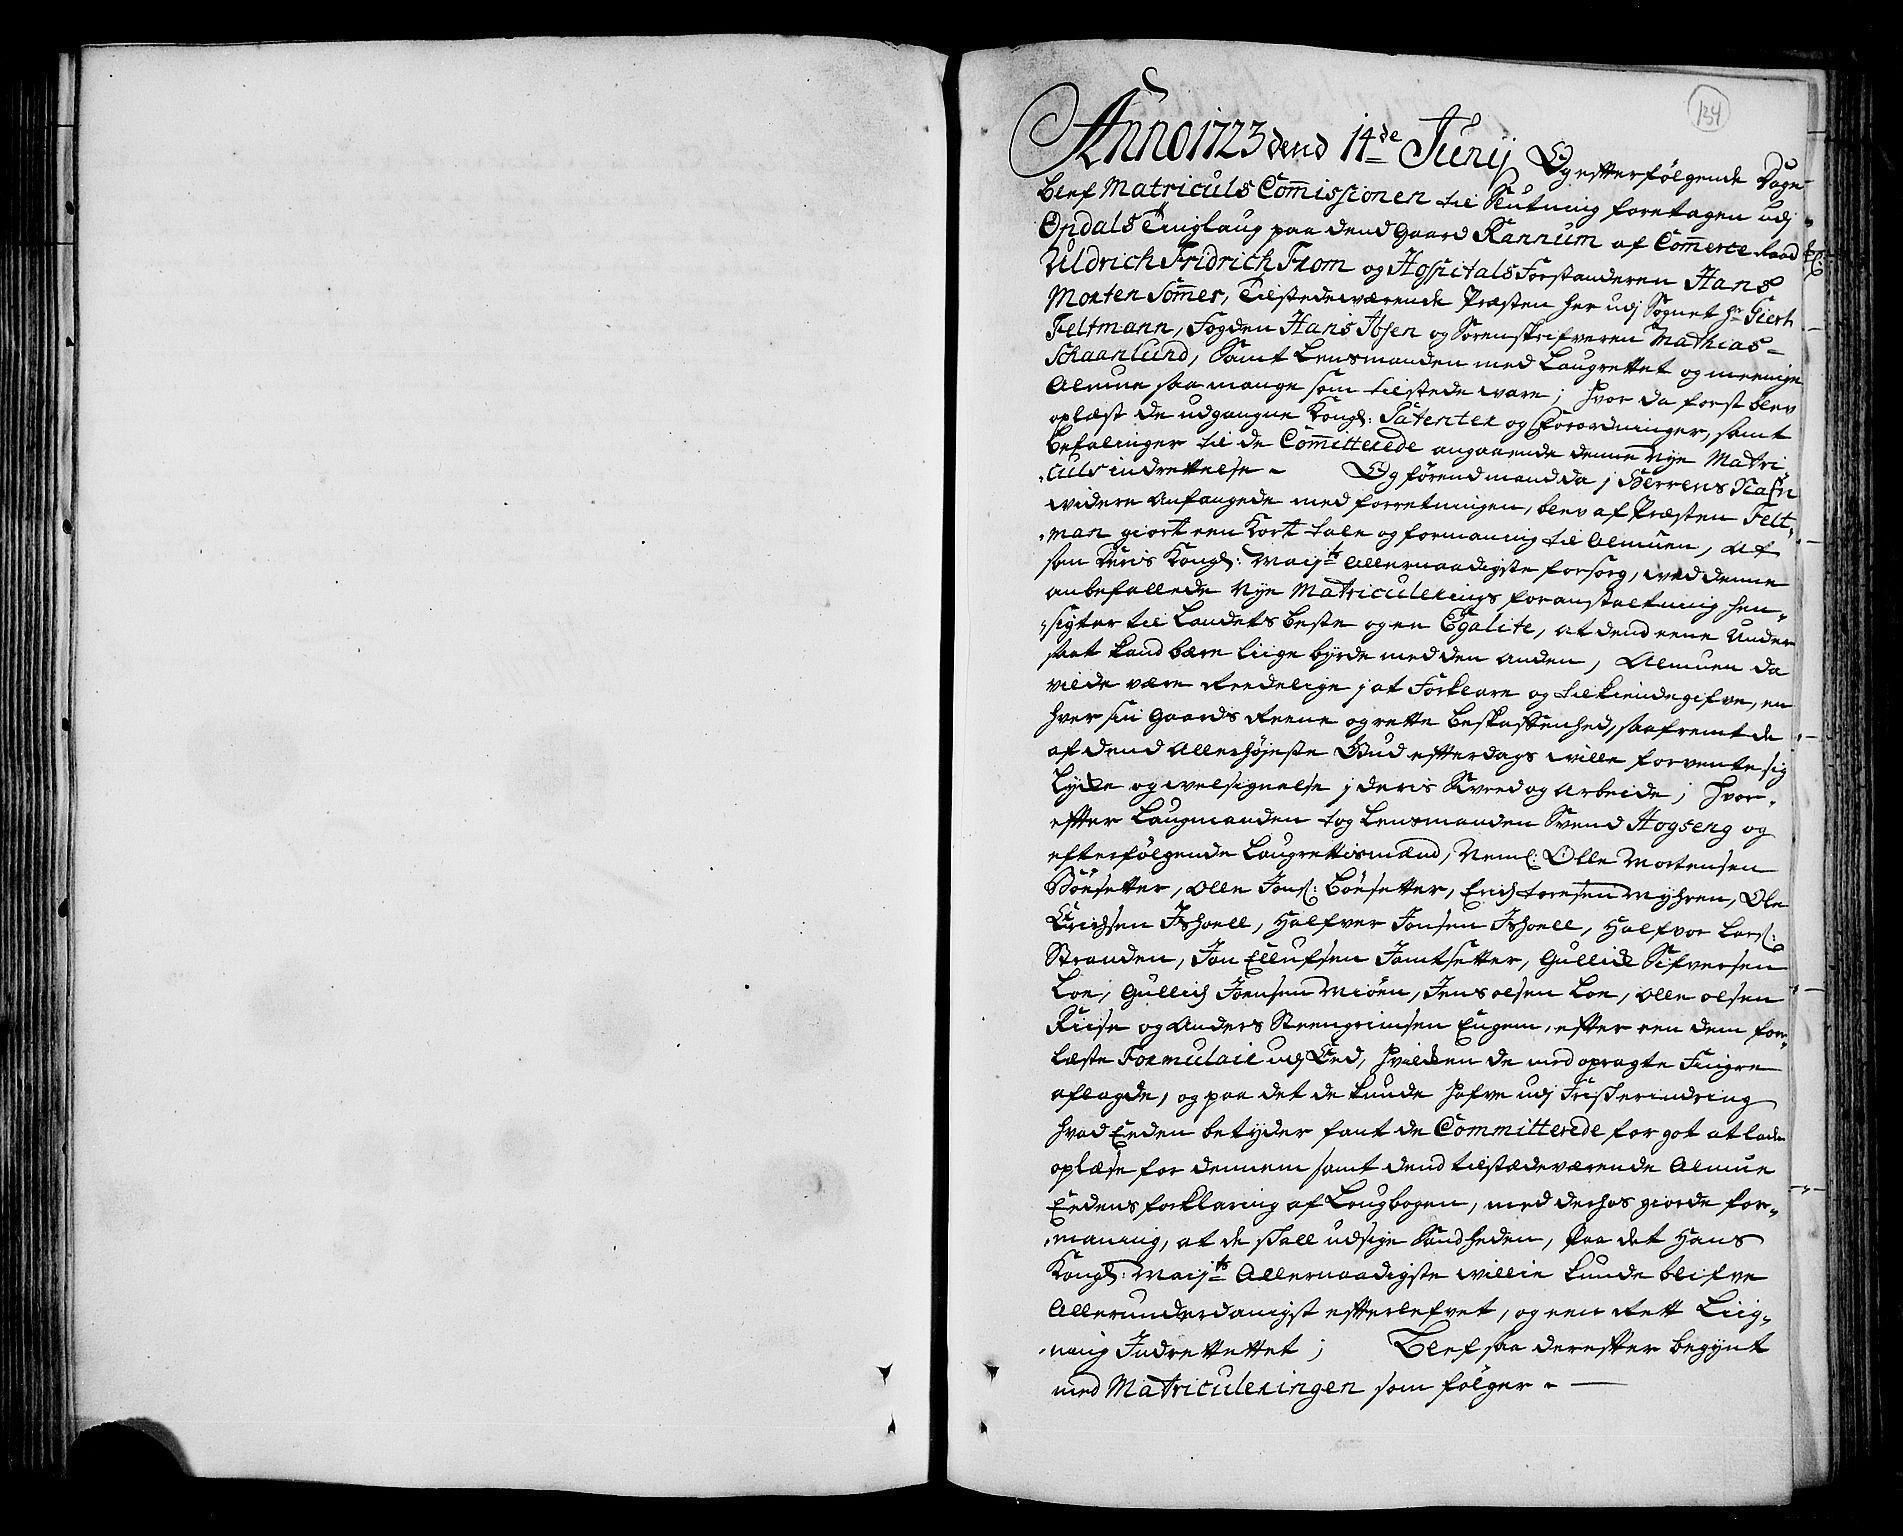 RA, Rentekammeret inntil 1814, Realistisk ordnet avdeling, N/Nb/Nbf/L0156: Orkdal eksaminasjonsprotokoll, 1723, s. 133b-134a